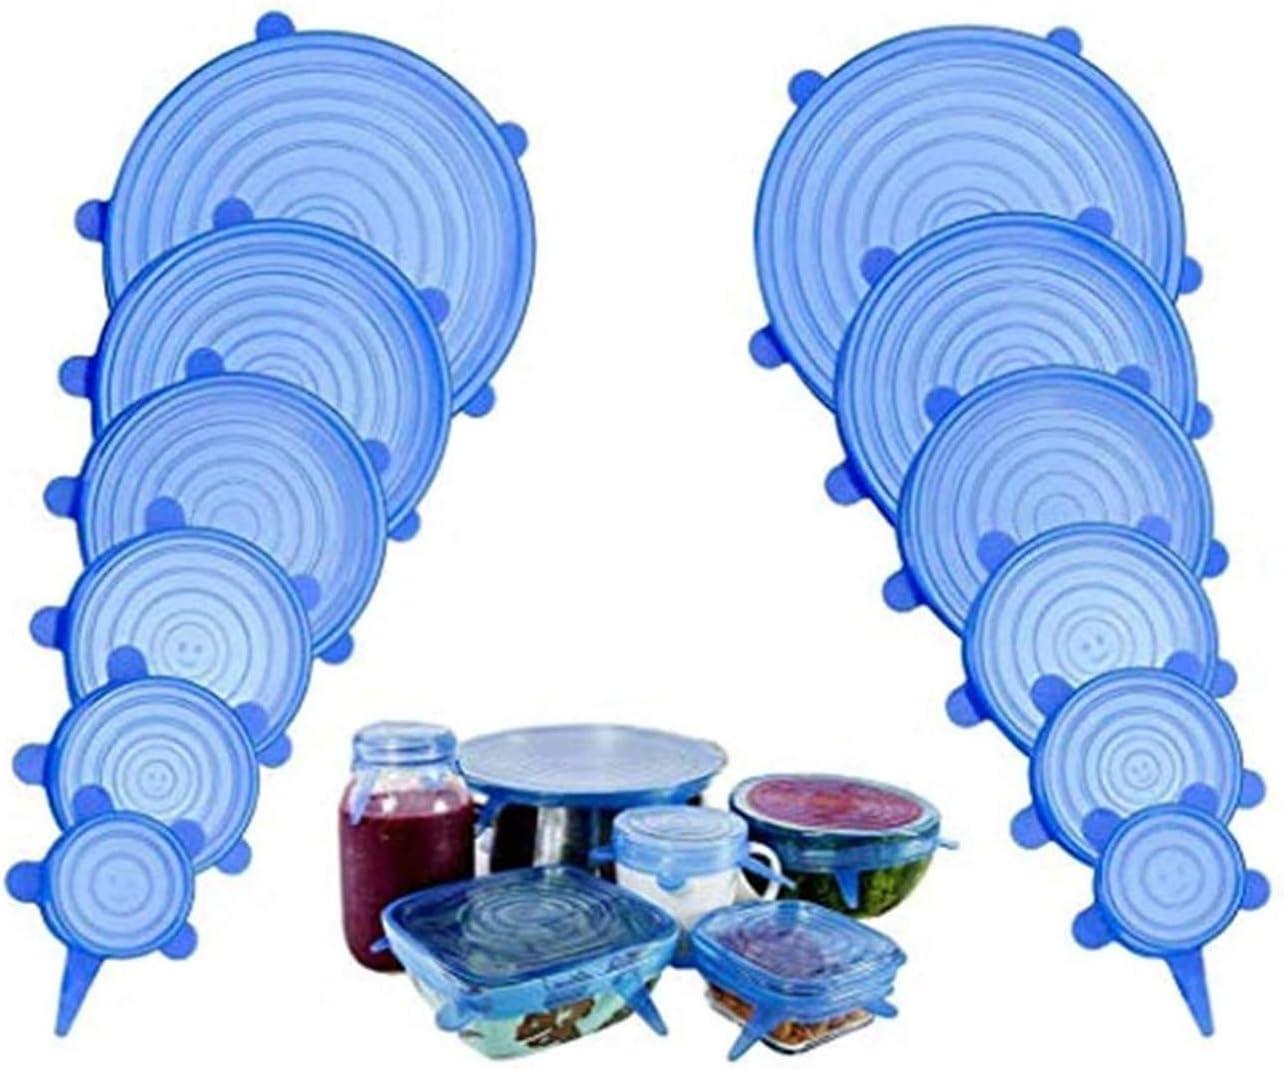 blu 12pcs Conserva Freschi i Cibi Set 12 pezzi riutilizzabile e ermetico adattabile a diverse dimensioni e forme di contenitori Coperchi in Silicone Estensibili